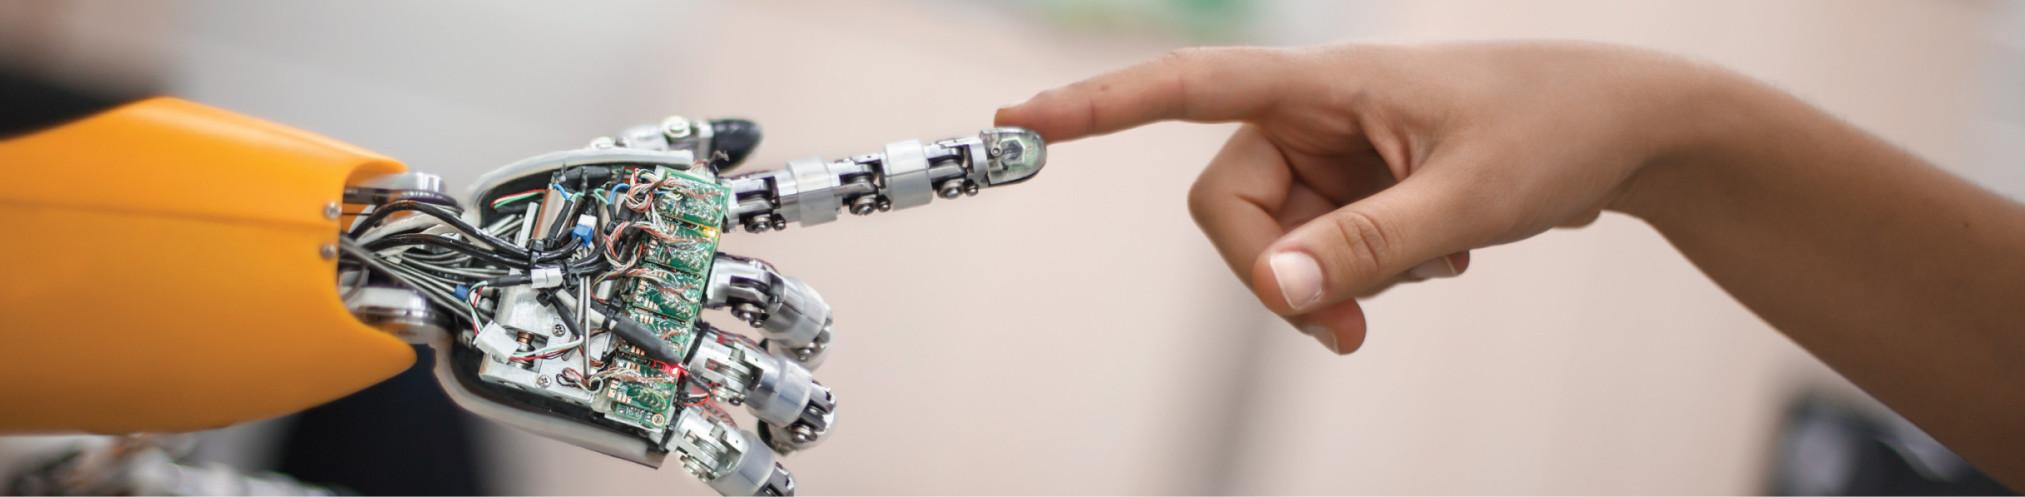 Robótica e Sensores